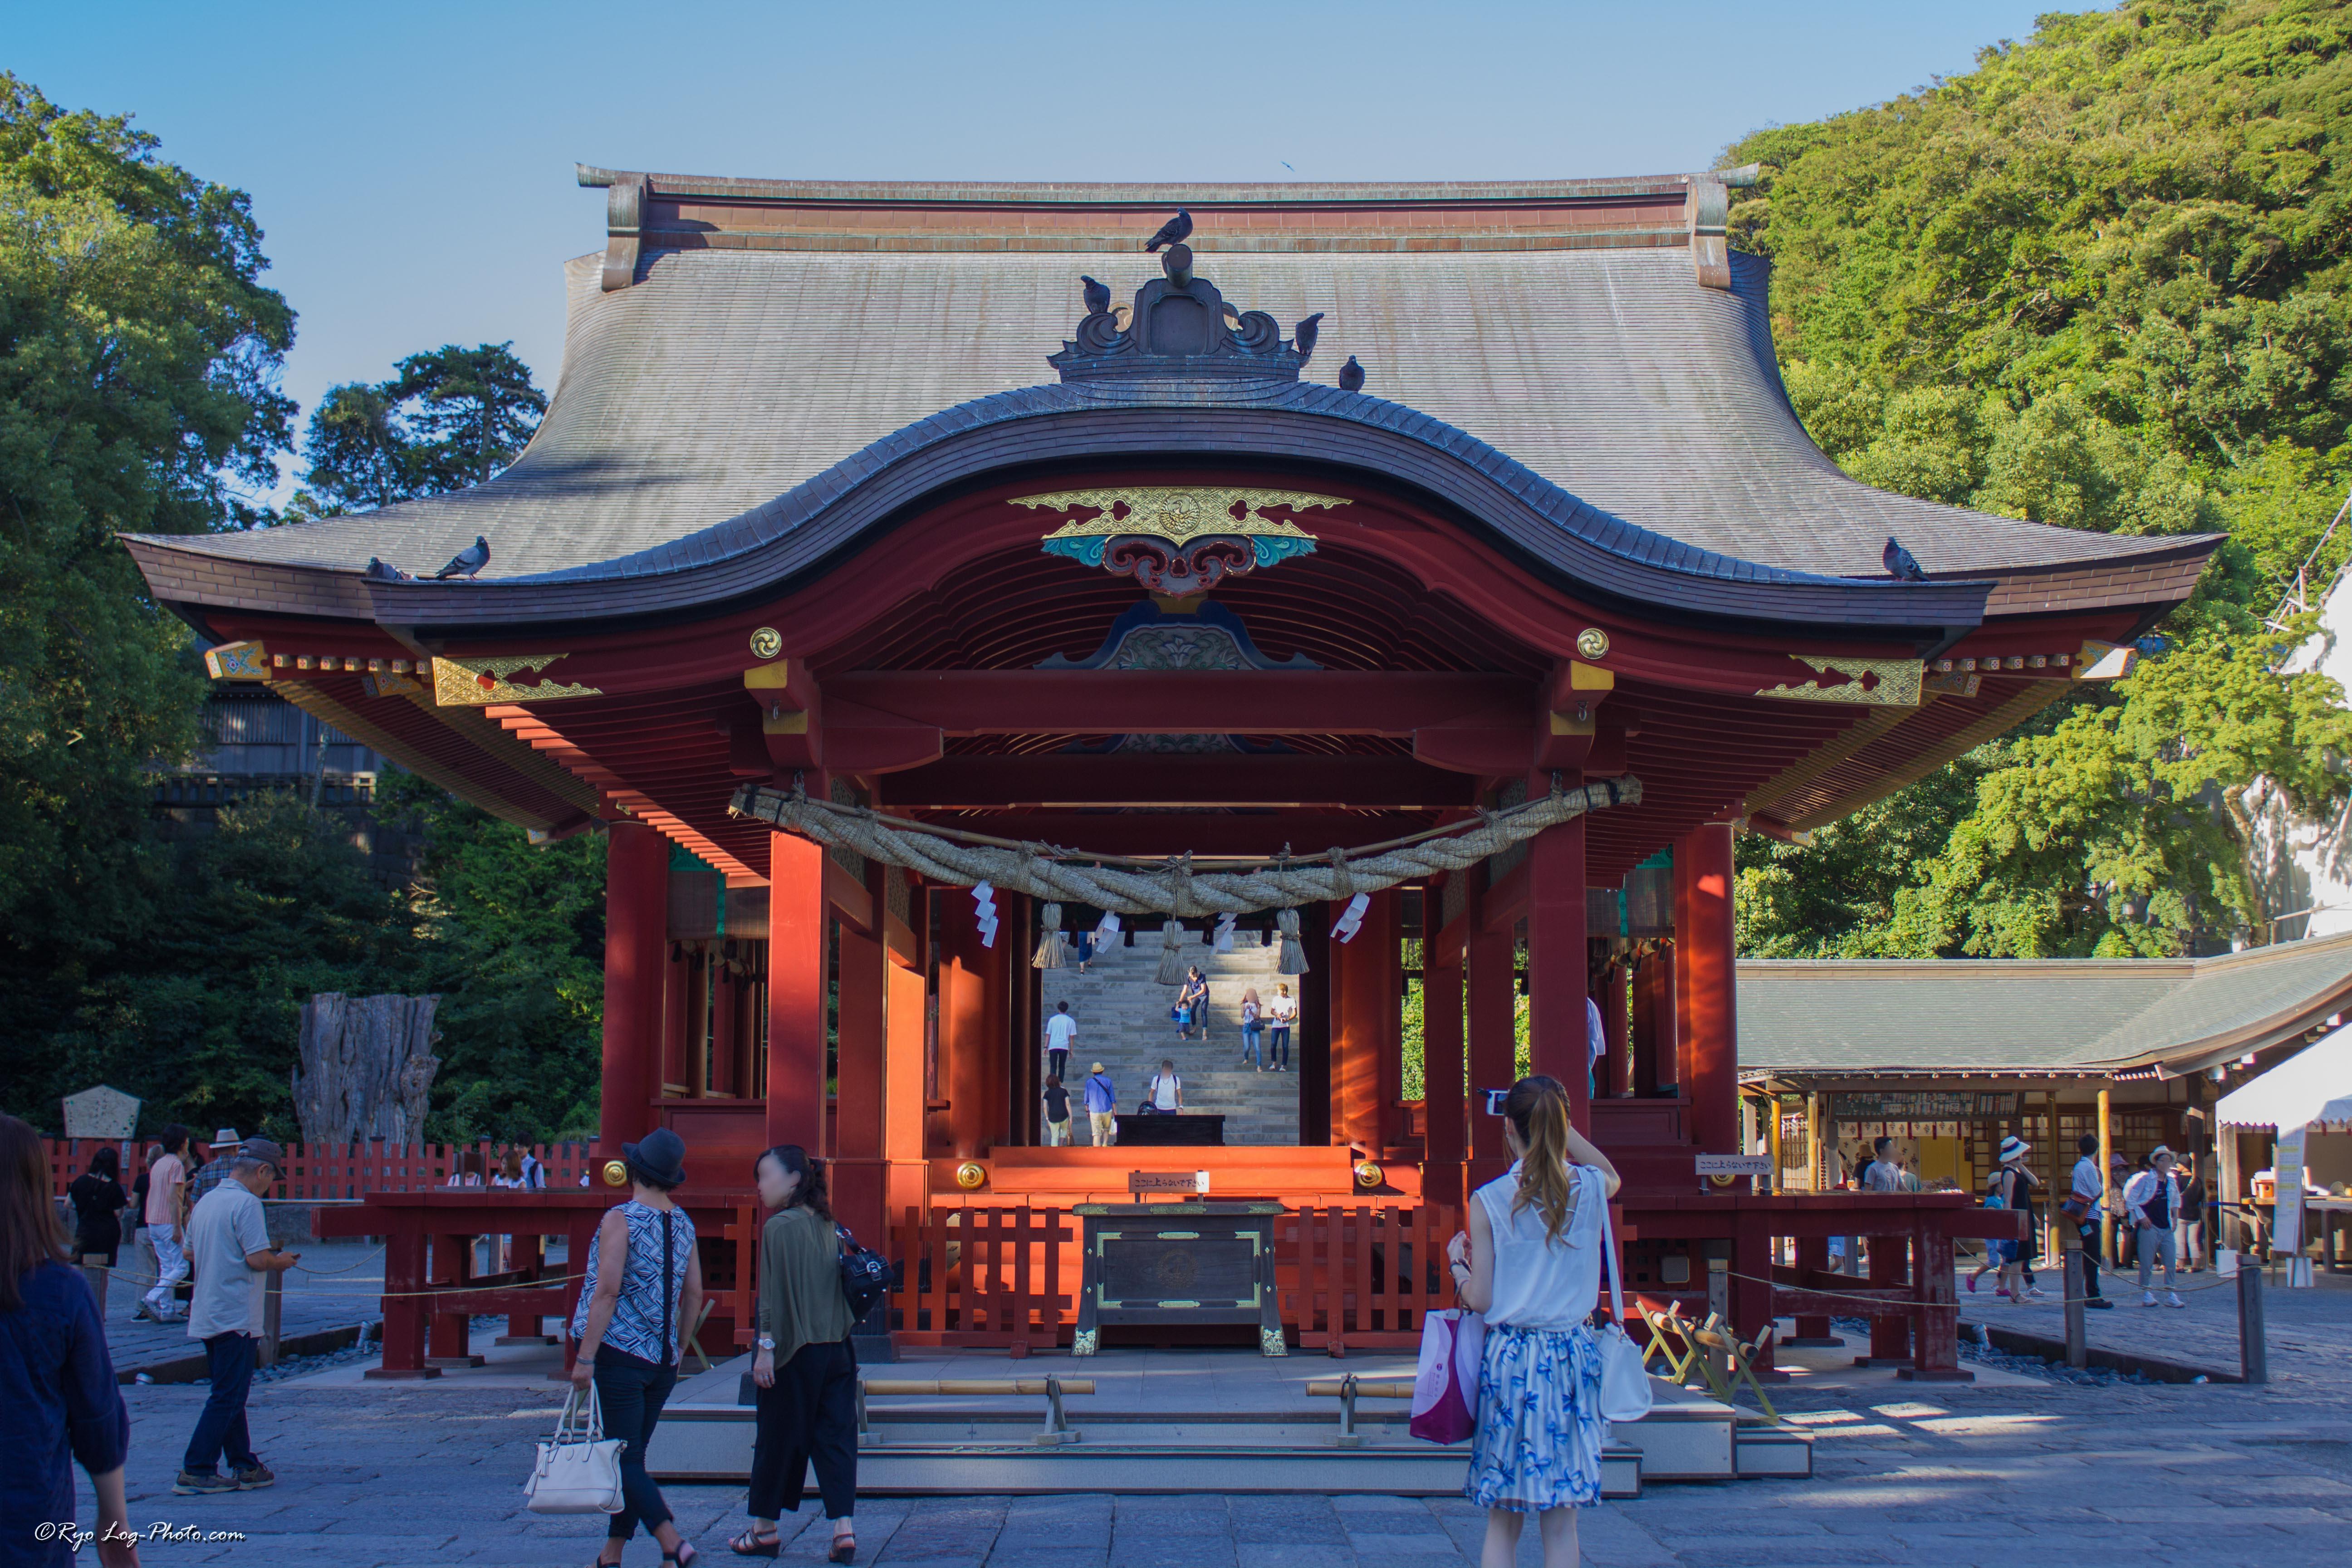 舞殿(まいでん) 鎌倉 鶴岡八幡宮